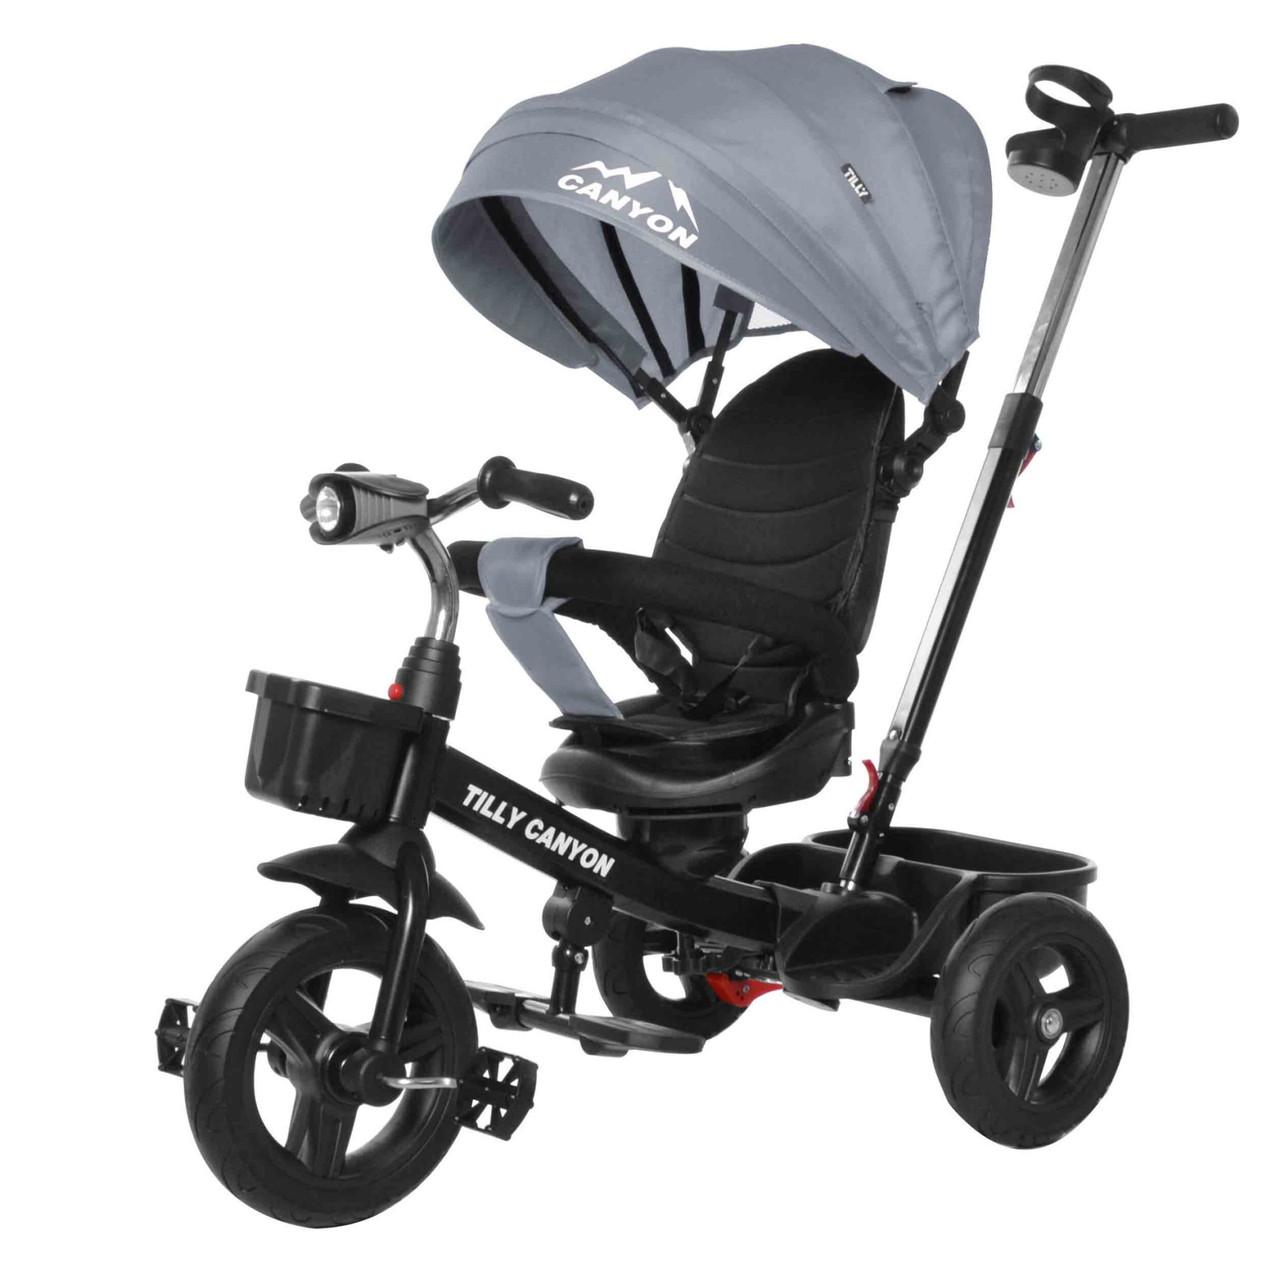 Велосипед триколісний TILLY Canyon T-384 Grey Гарантія якості Швидка доставка